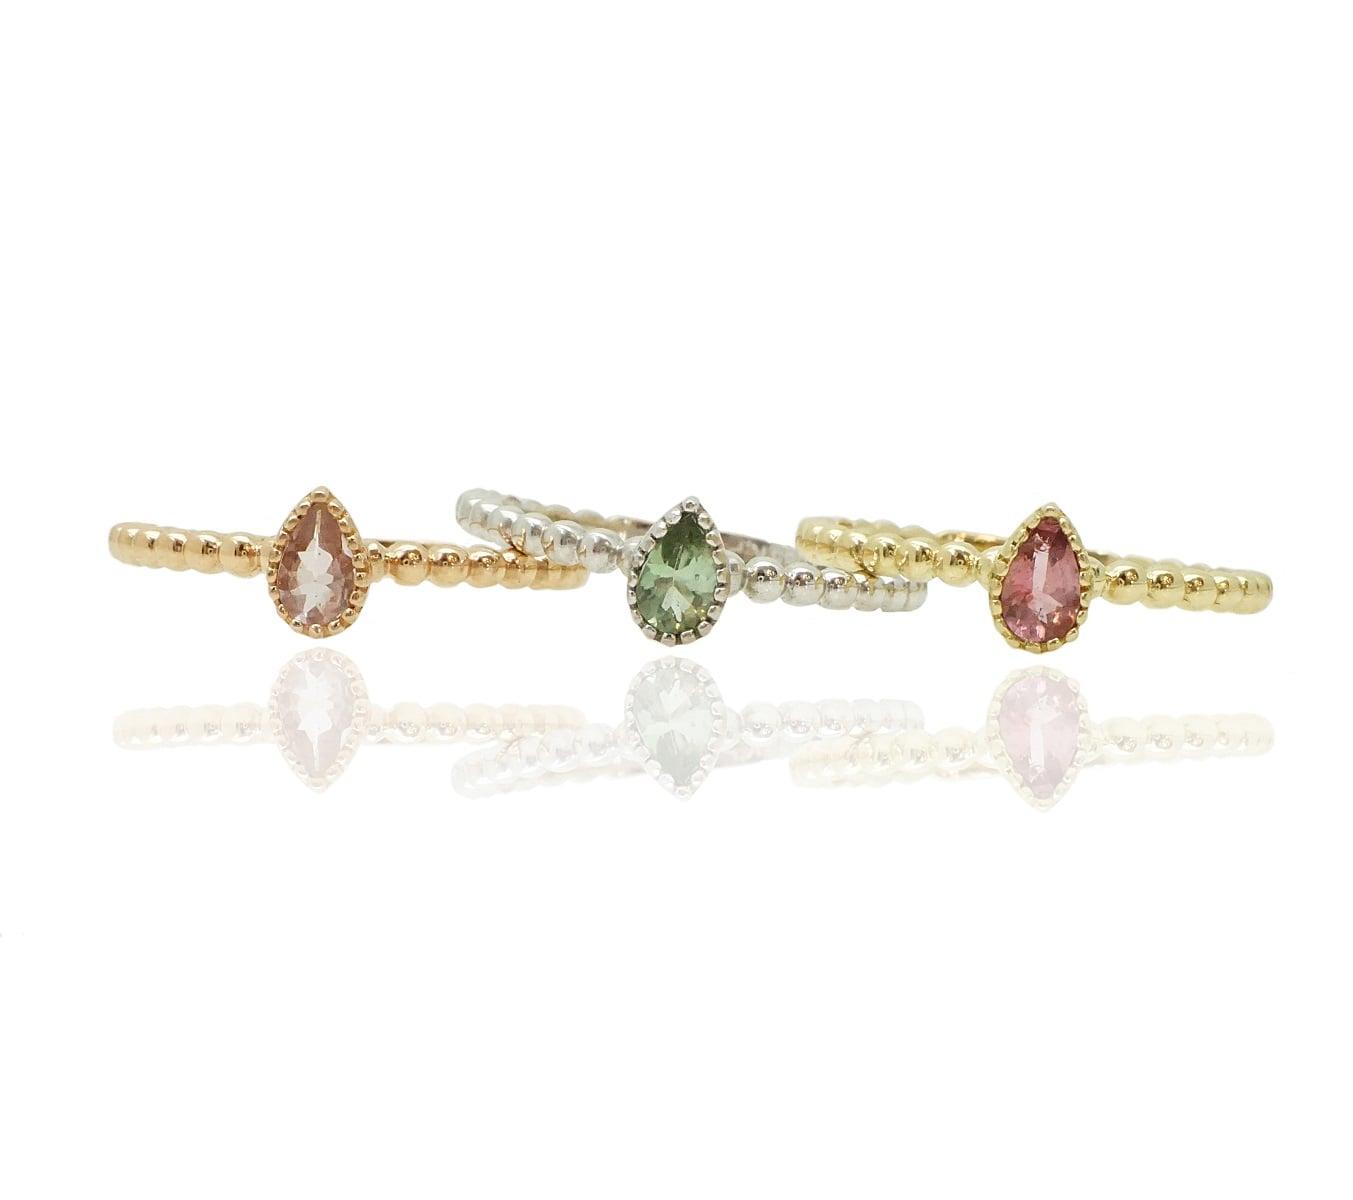 טבעת זהב כדורי טיפה עם אבן חן טורמלין יפהפייה מלאת צבע